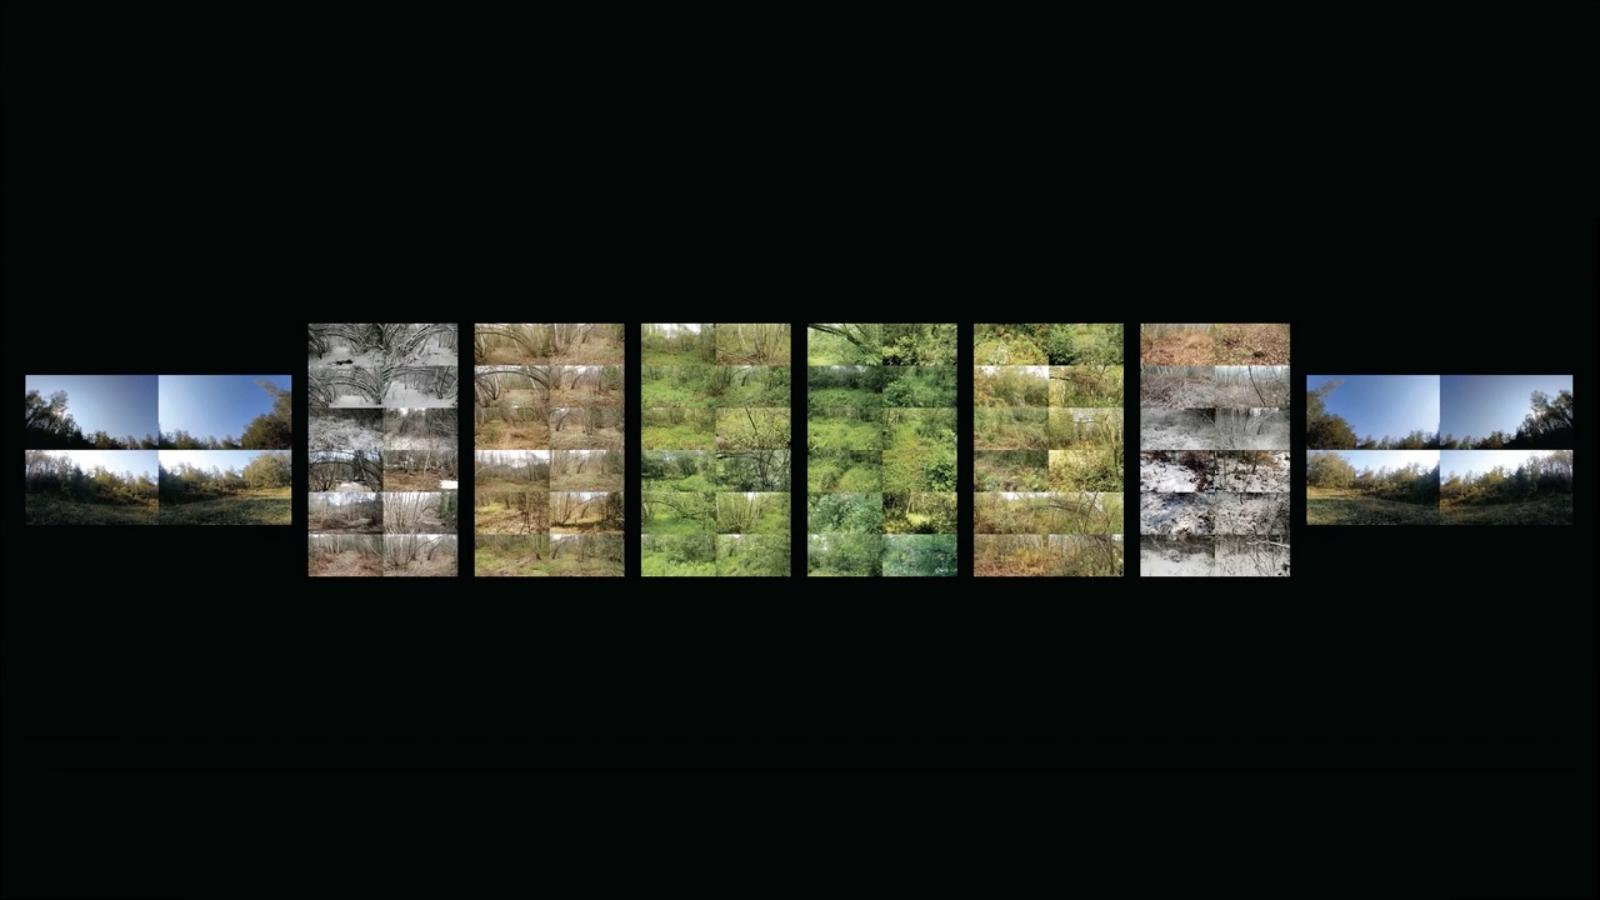 Oeuvre de Steve Heimbecker, Saisons de la forêt au wall de roches, 2020